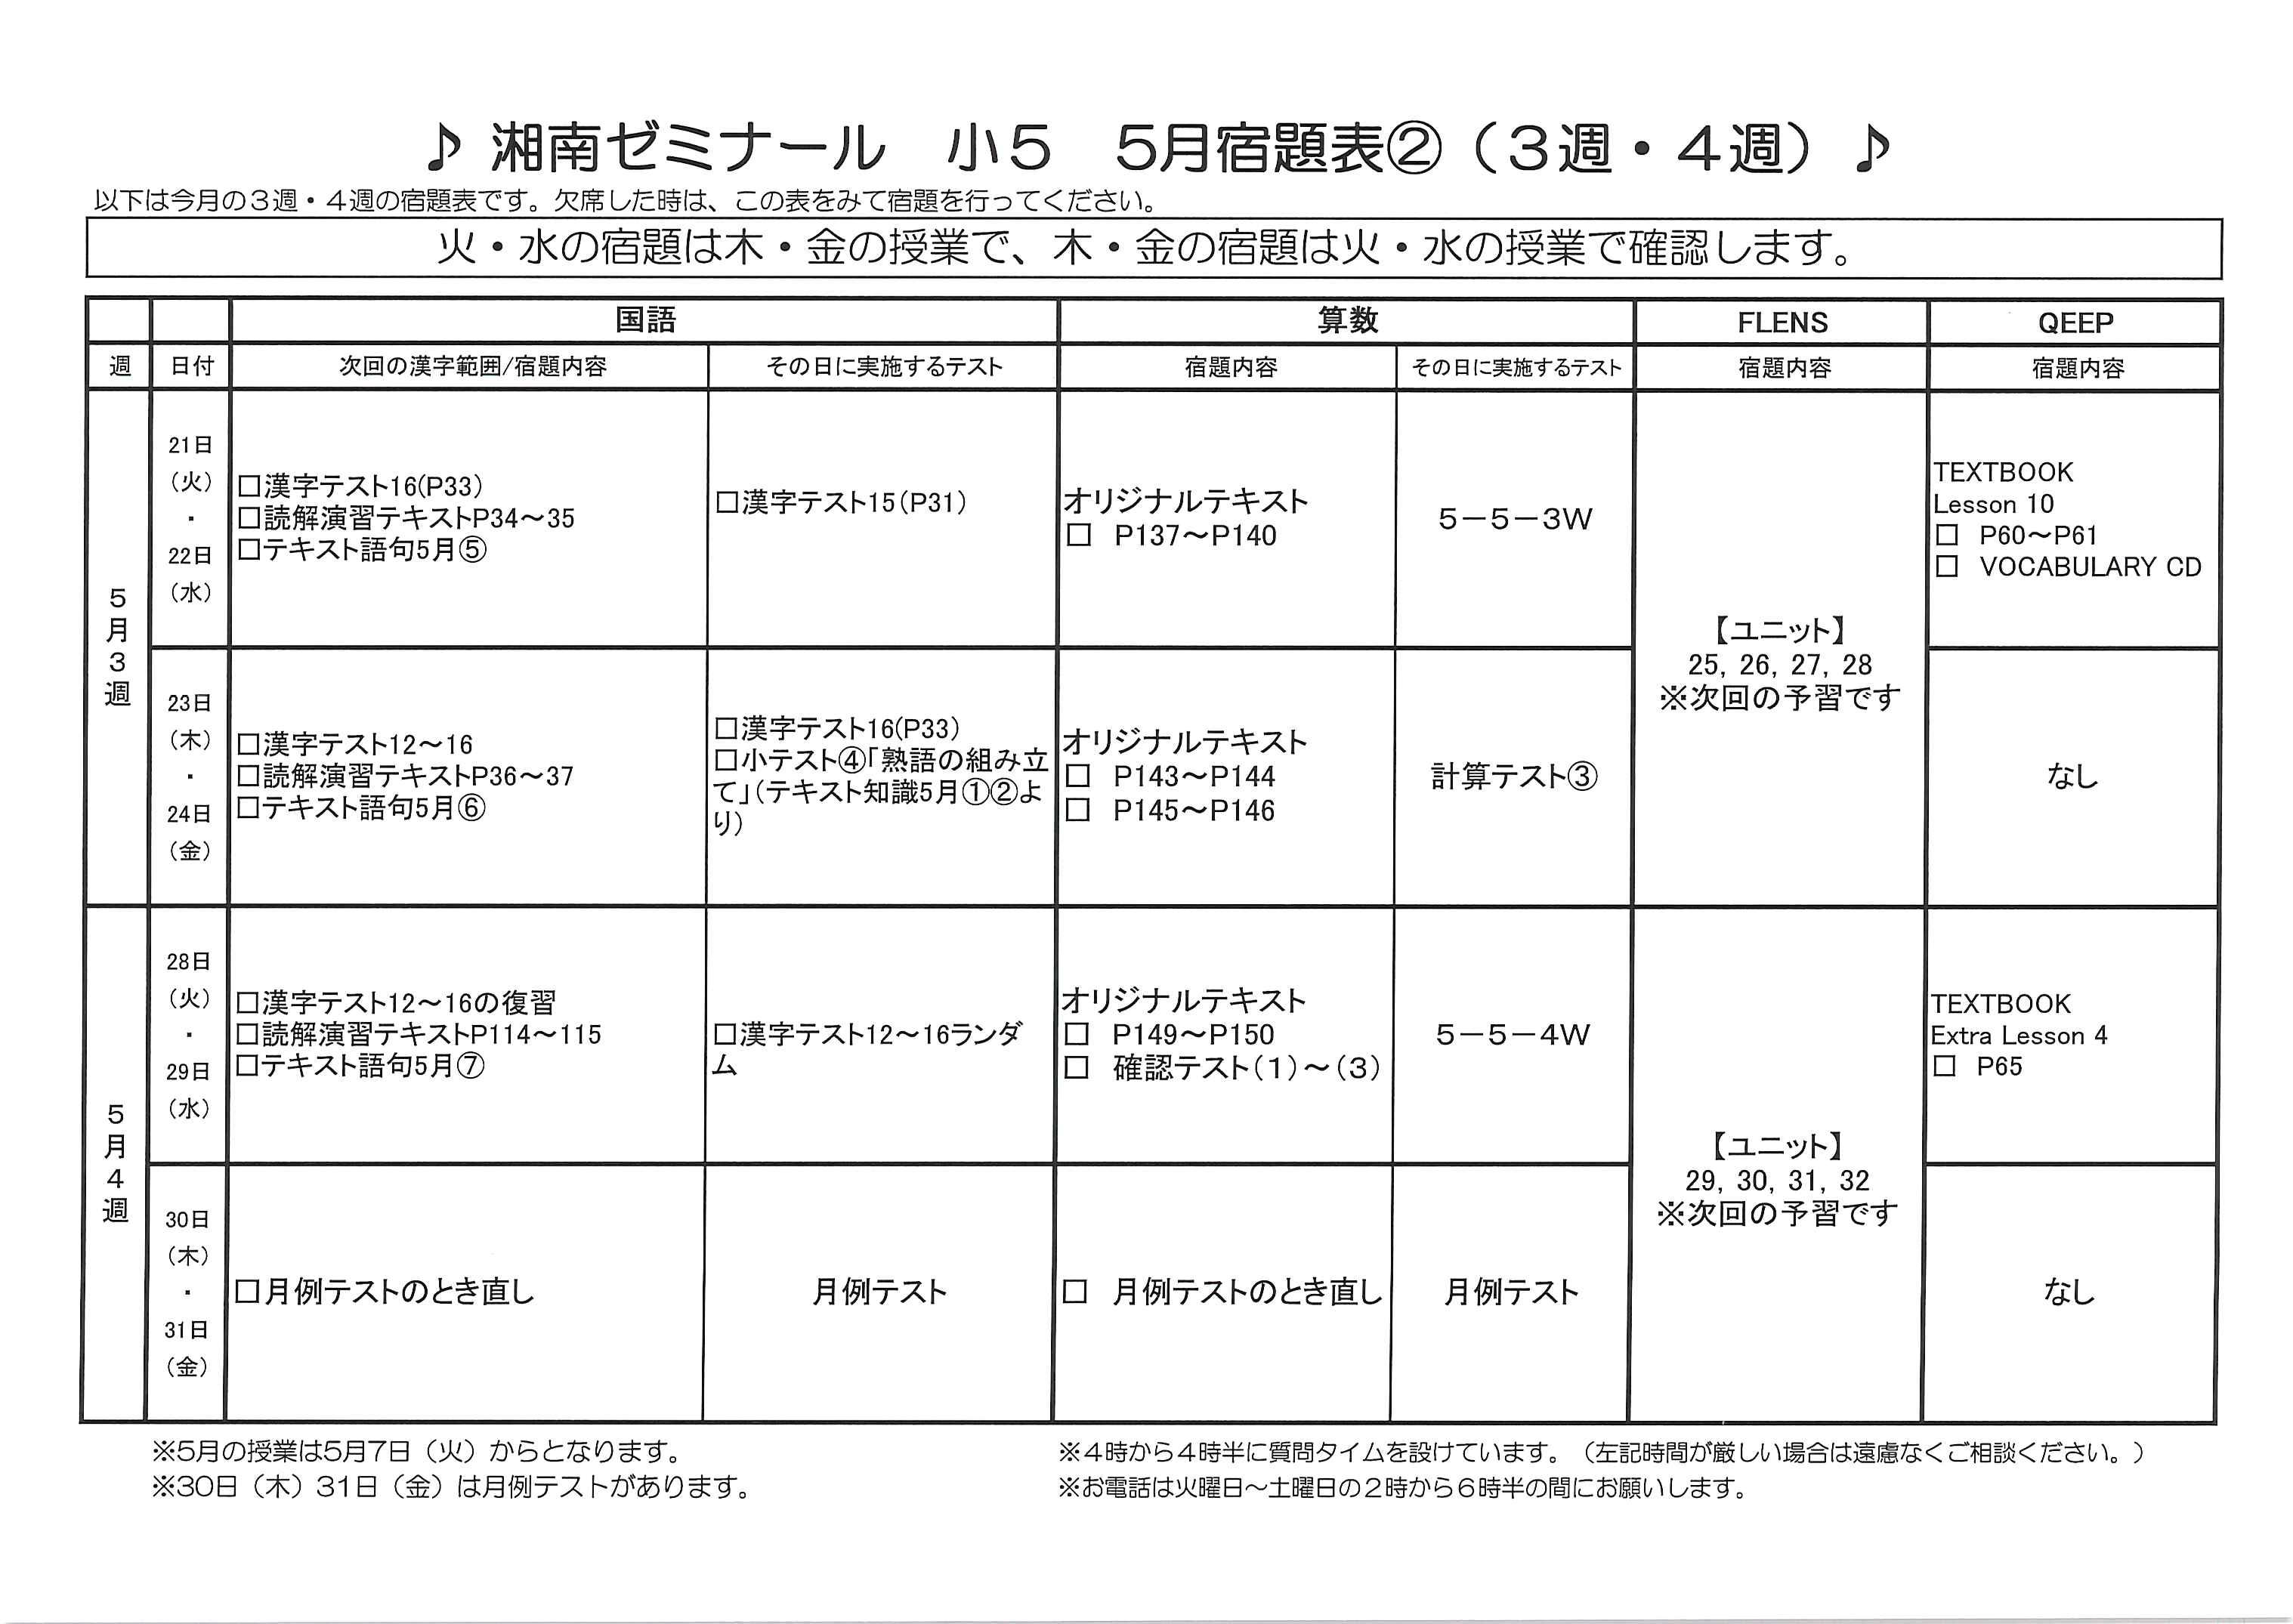 2019年小学生宿題予定表【HP用④】無題無題.png